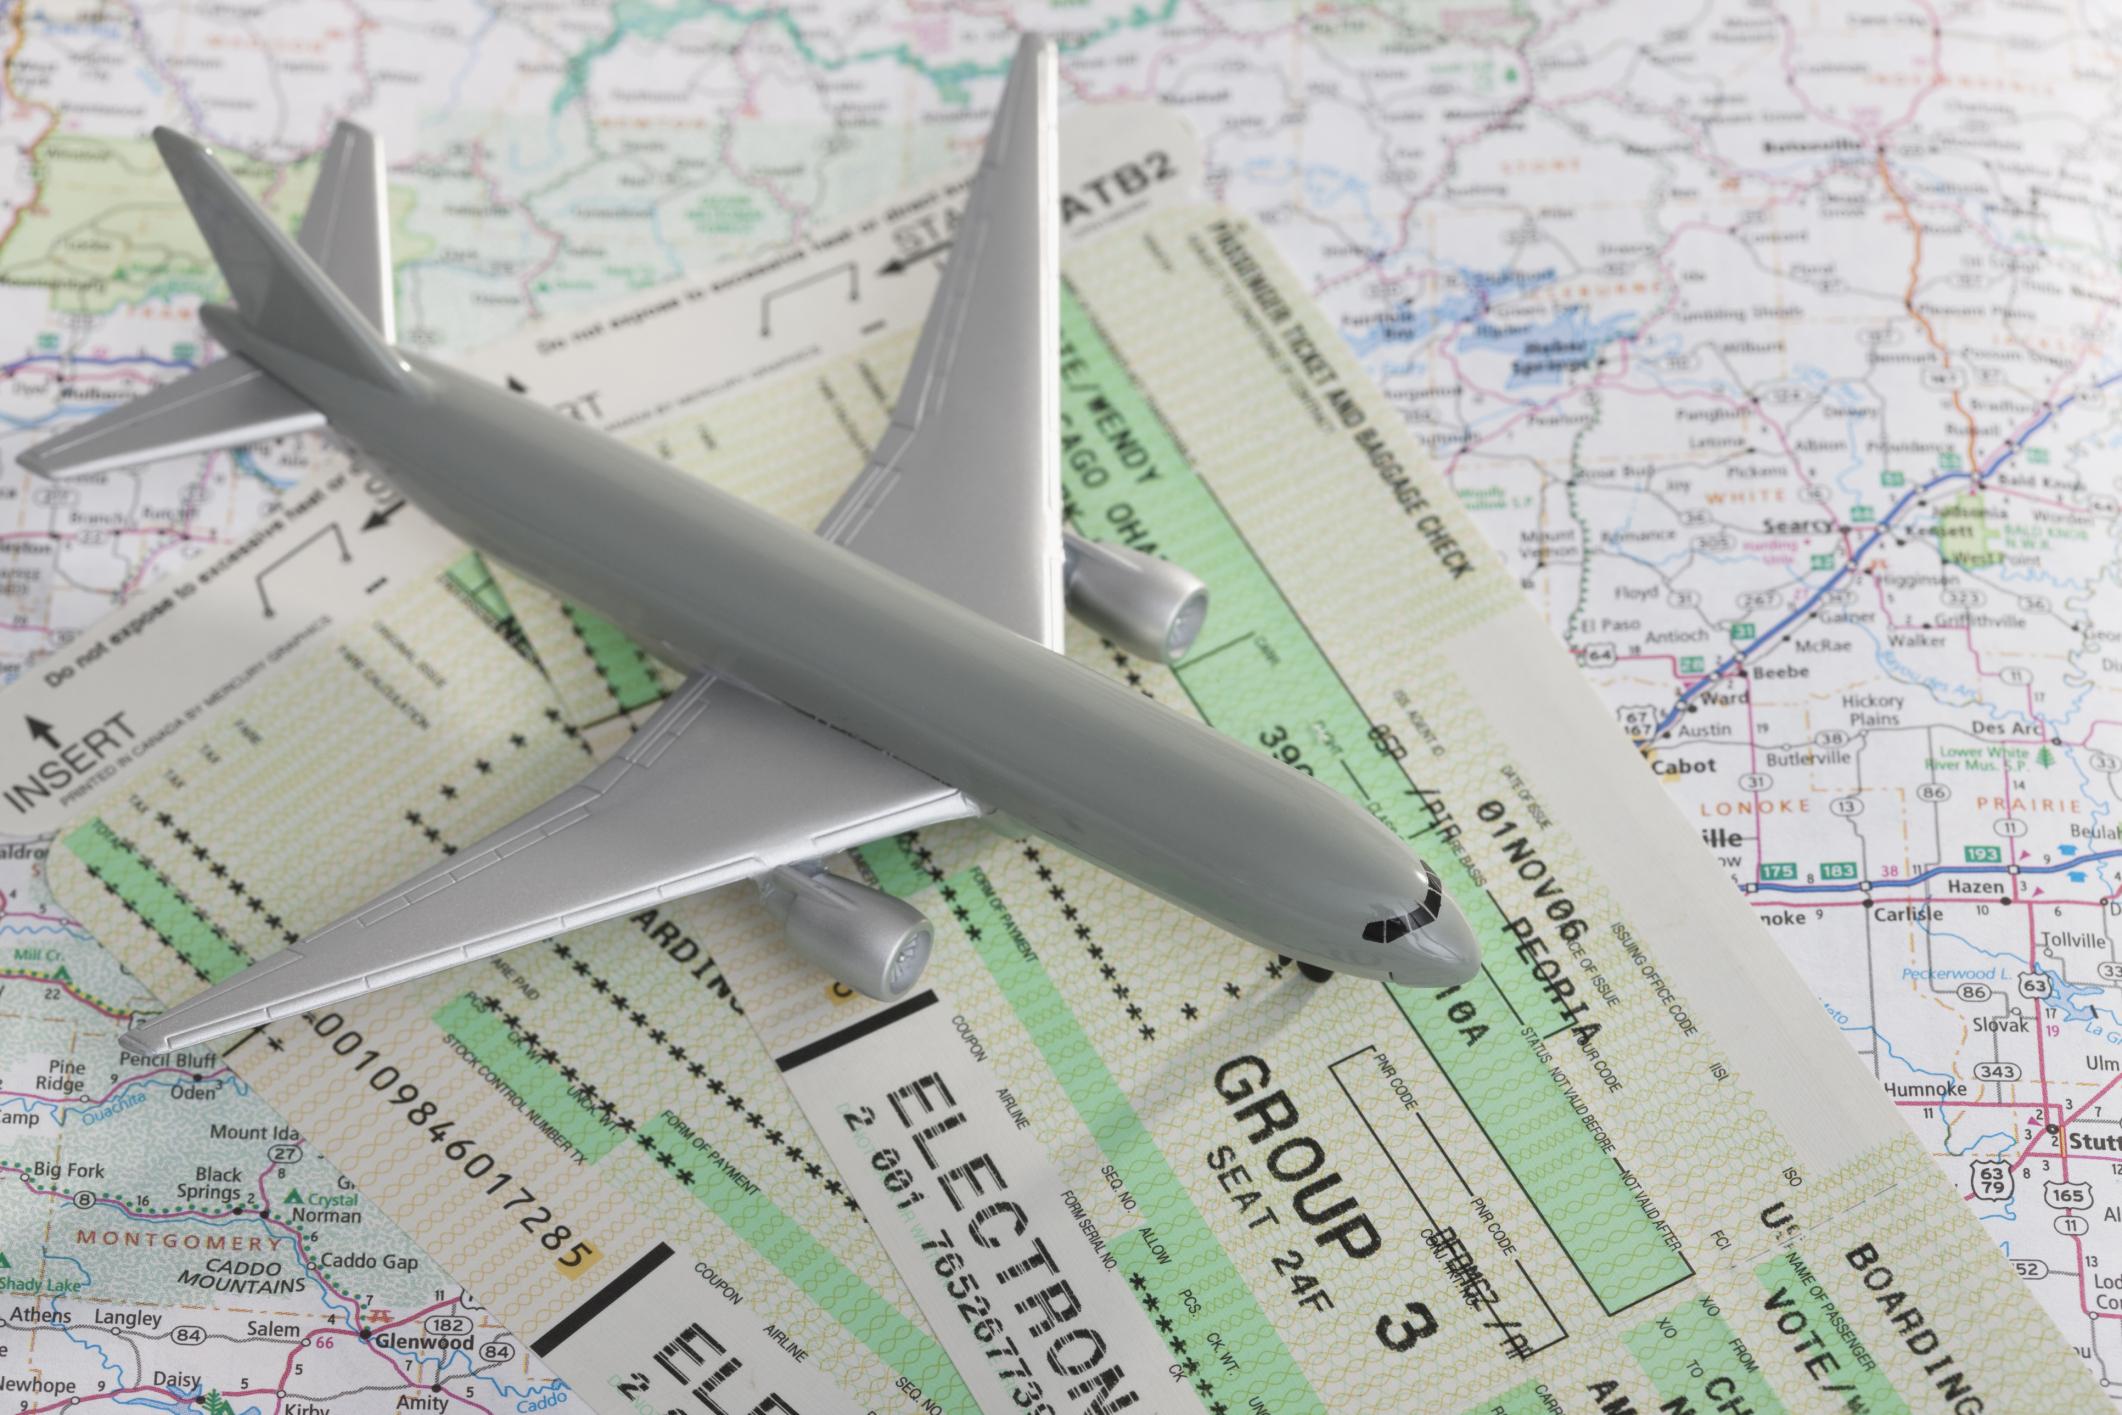 На каких условиях можно сдать невозвратные авиабилеты